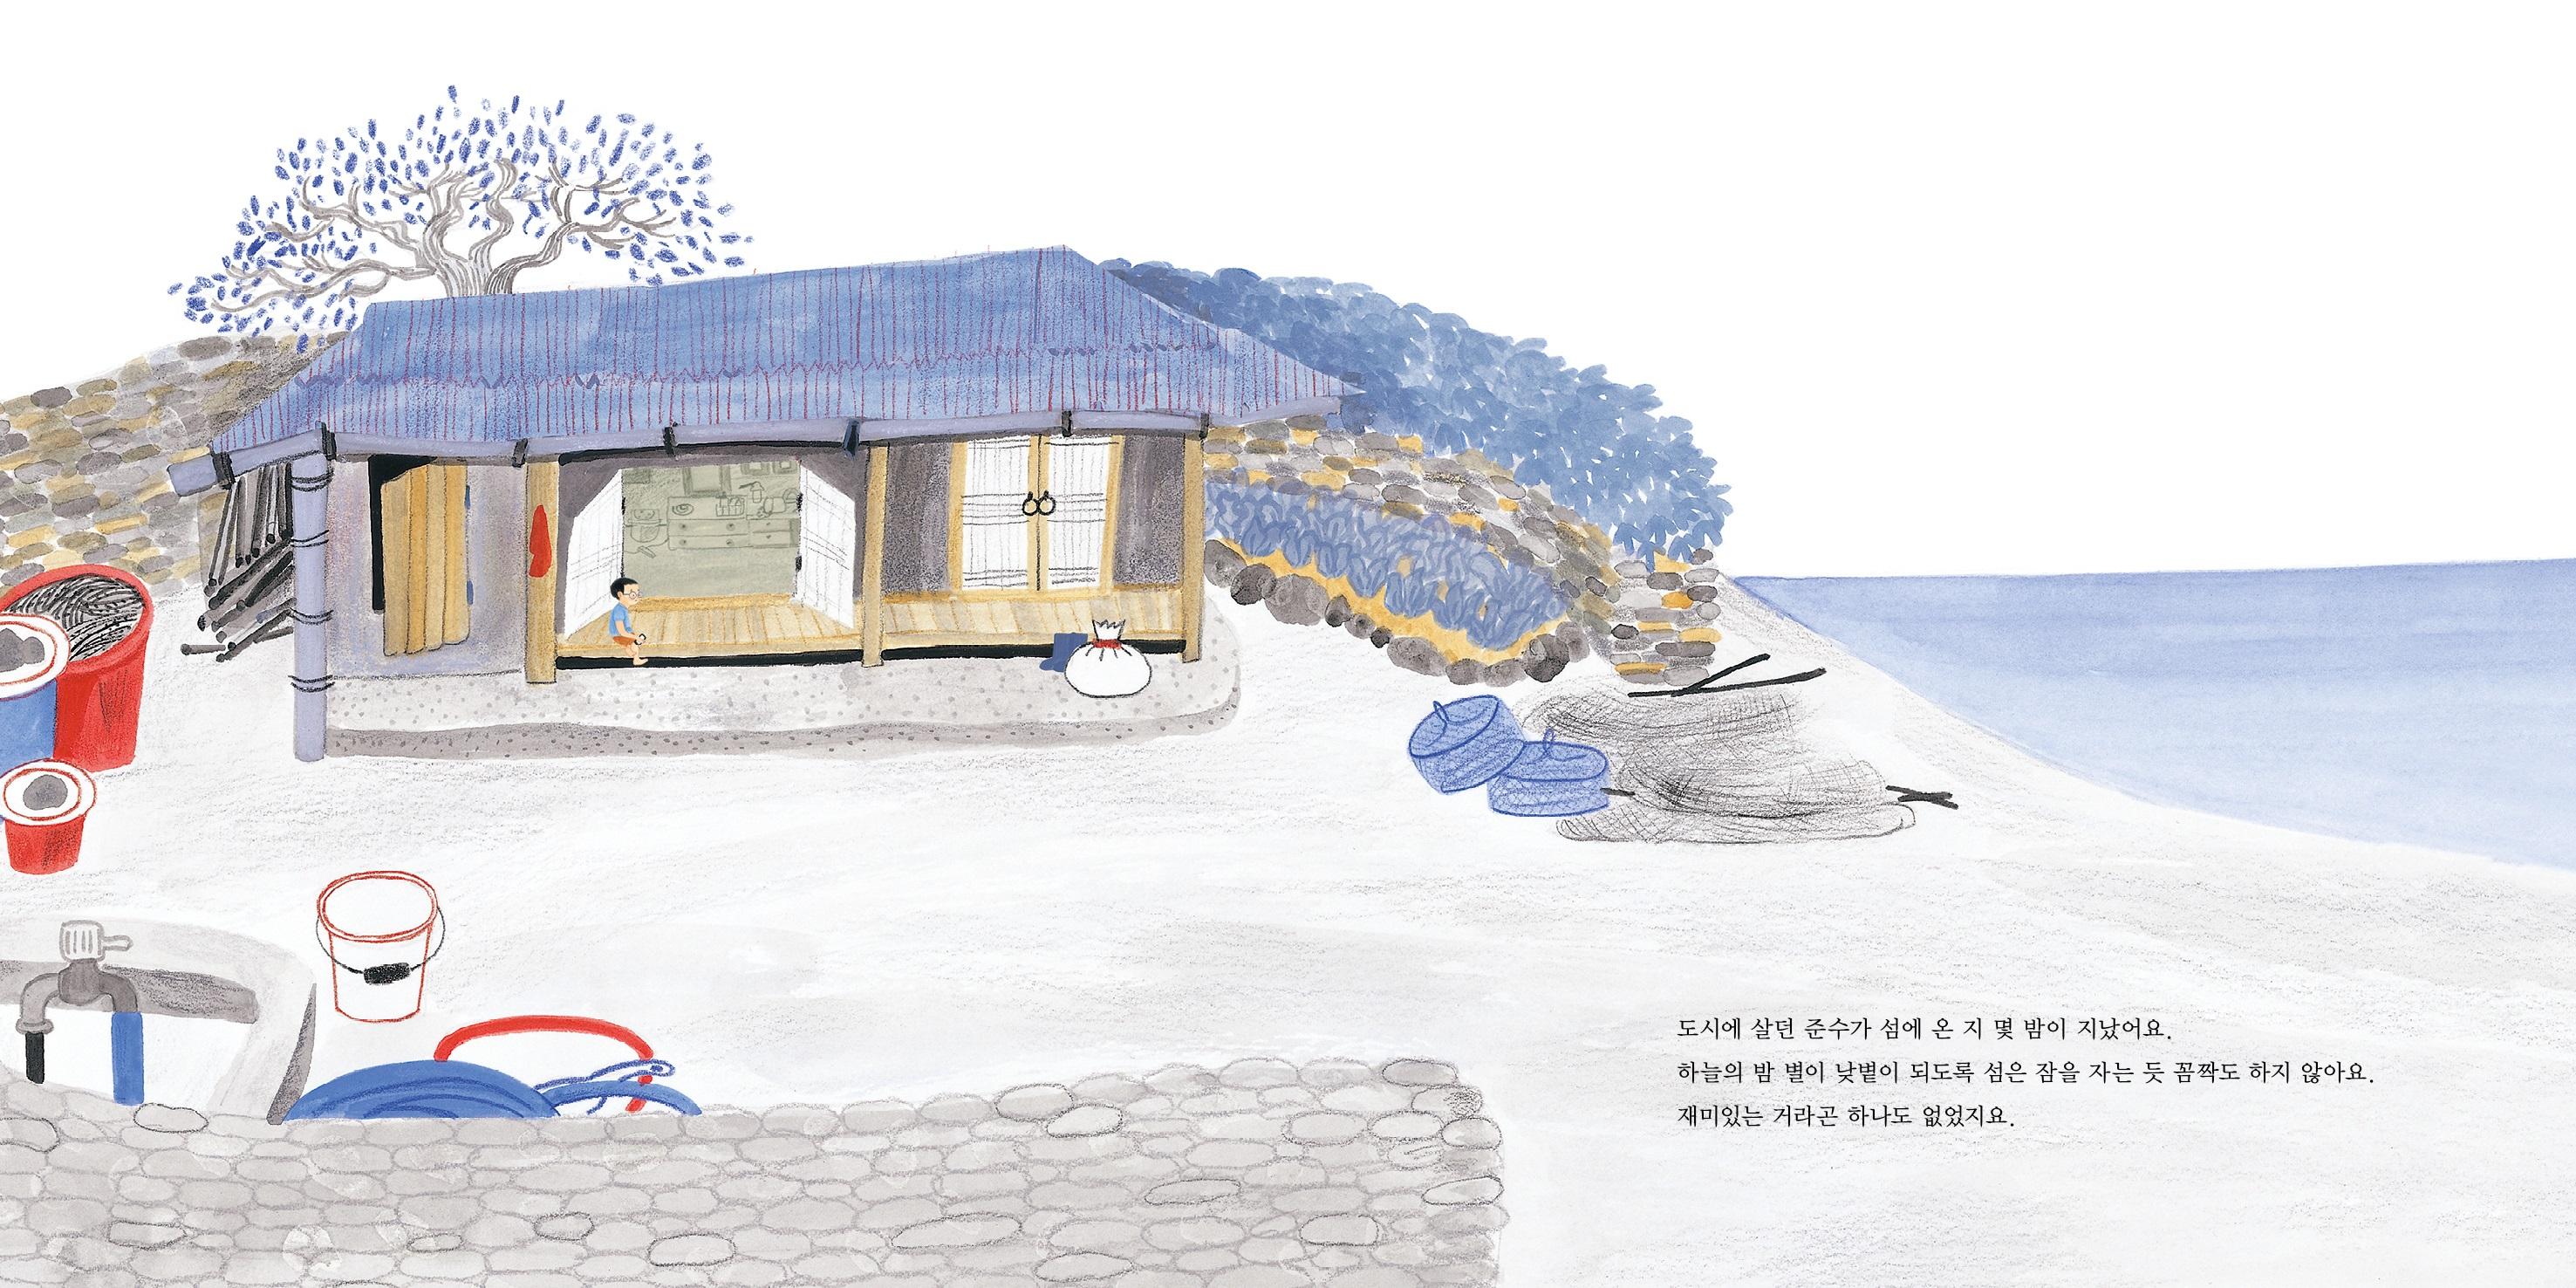 KBS028어느멋진날본문4.jpg